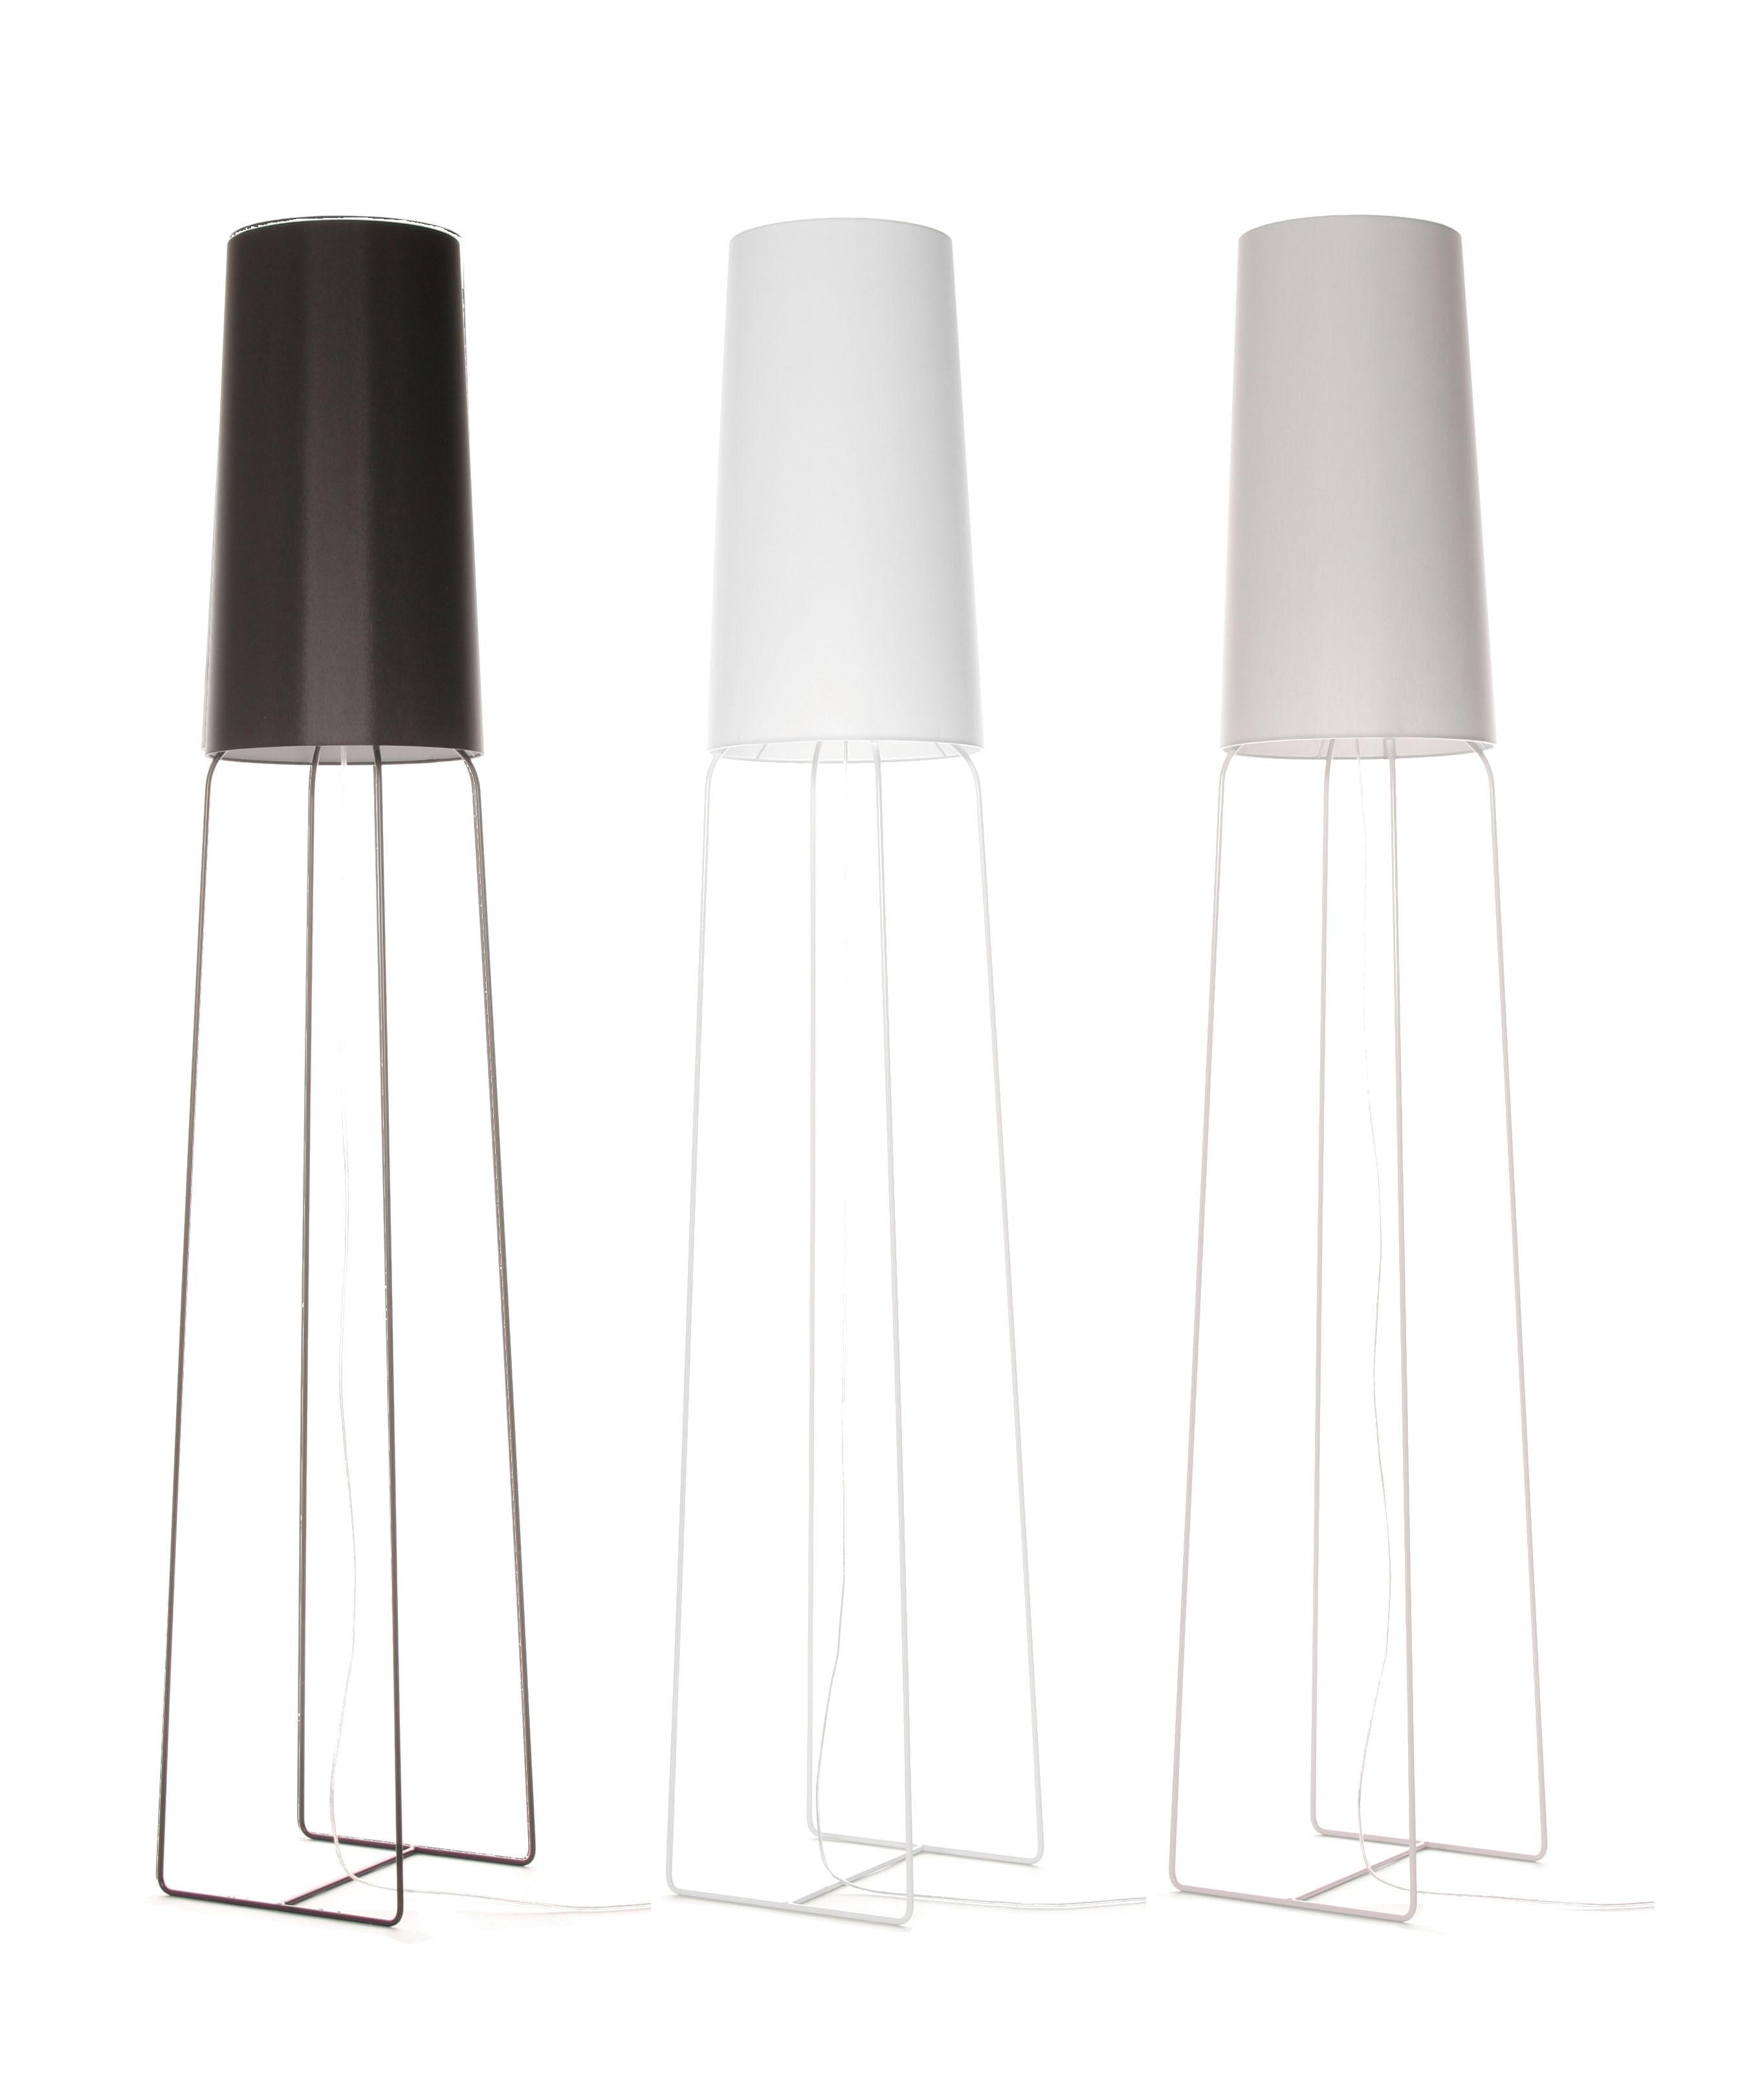 Stehleuchte schwarz, weiß, grau, Stehlampe mit Lampenschirm